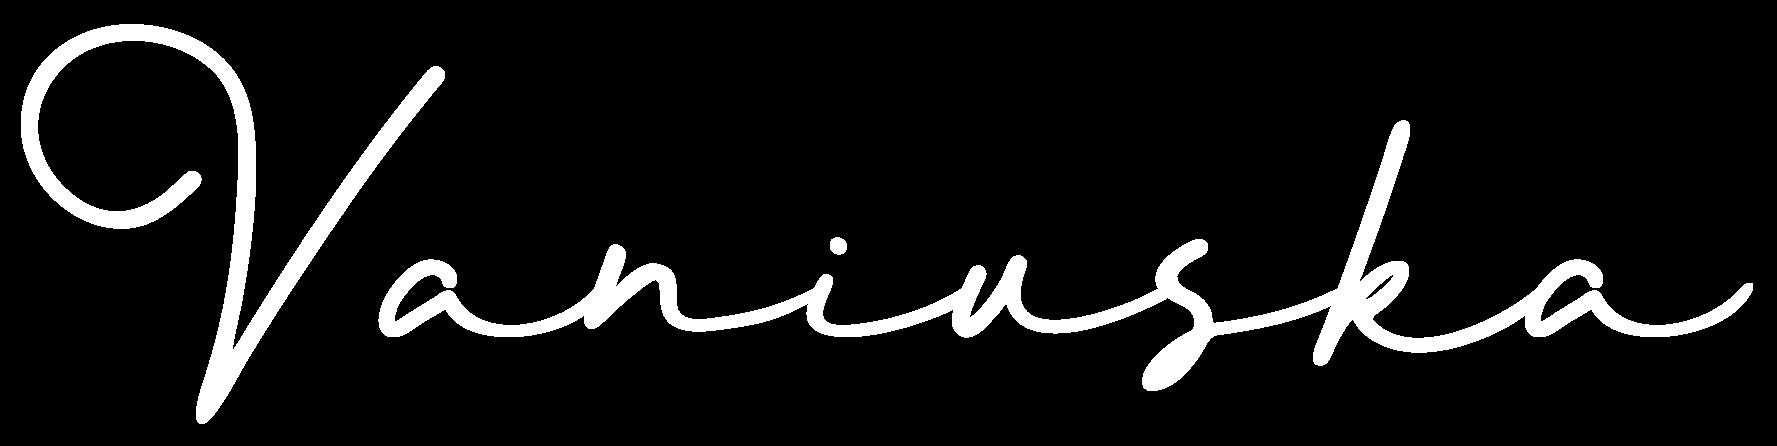 VANIUSKA